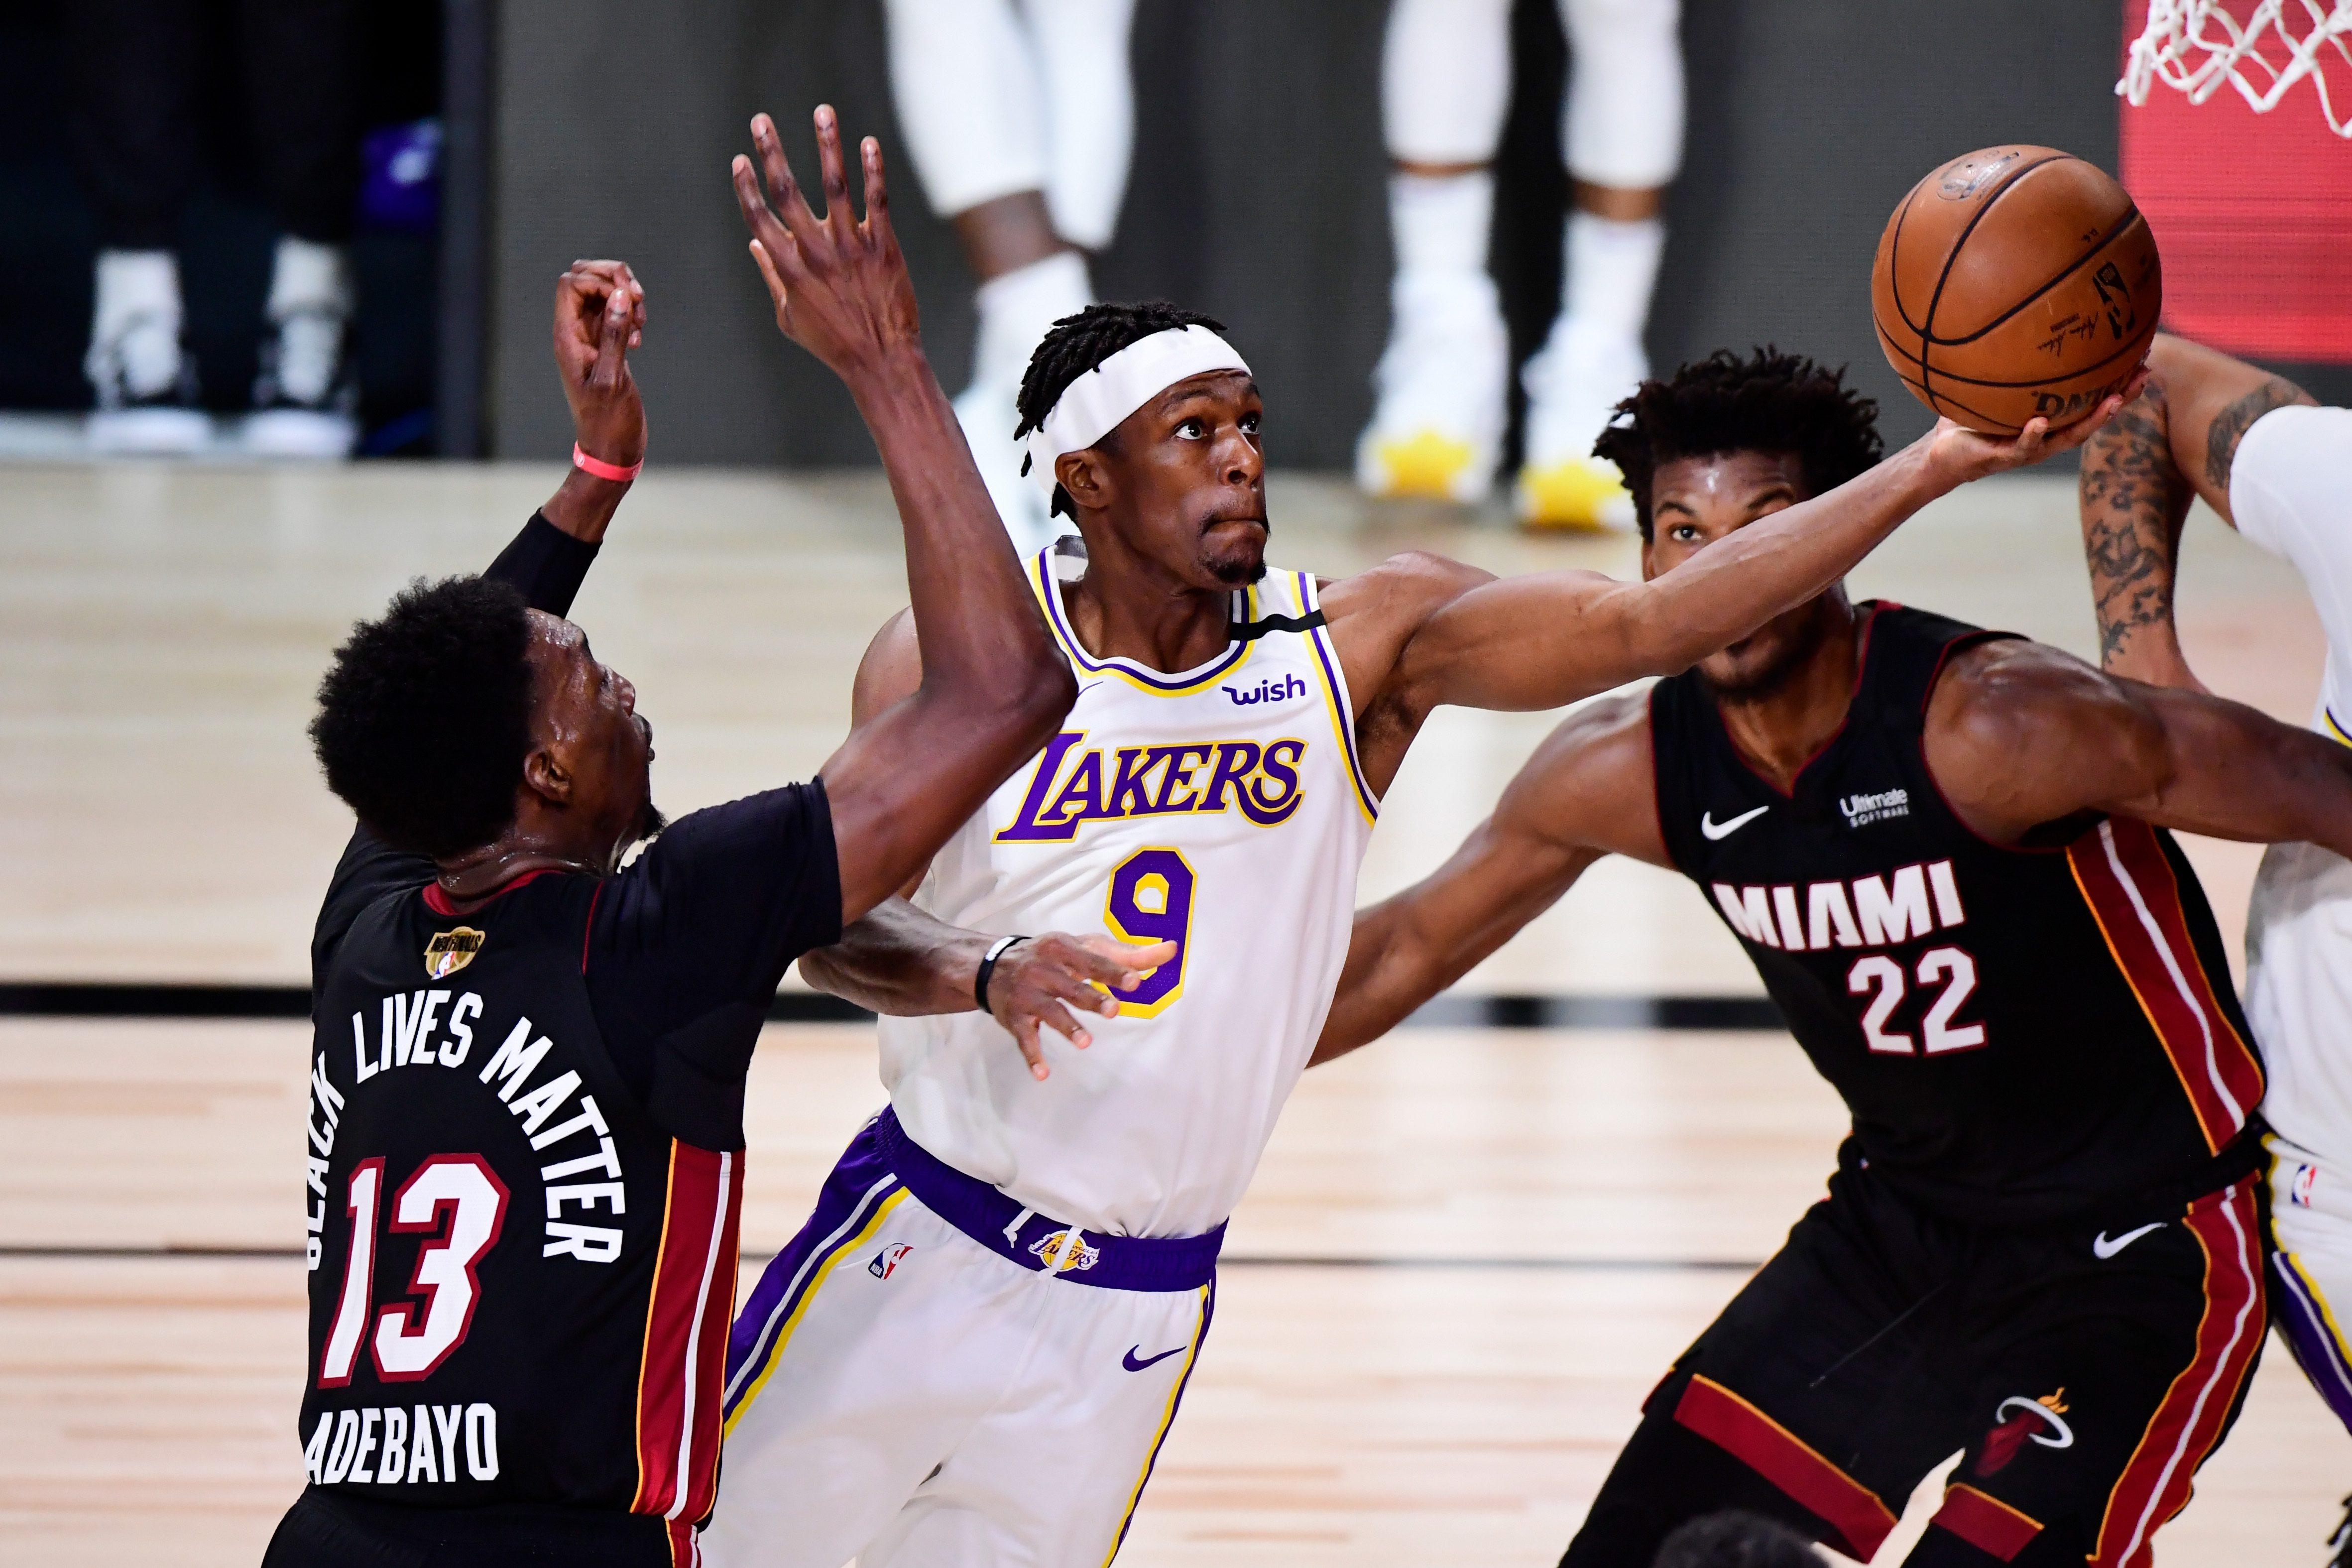 Quando inizia la stagione NBA 2020-2021: ecco le date